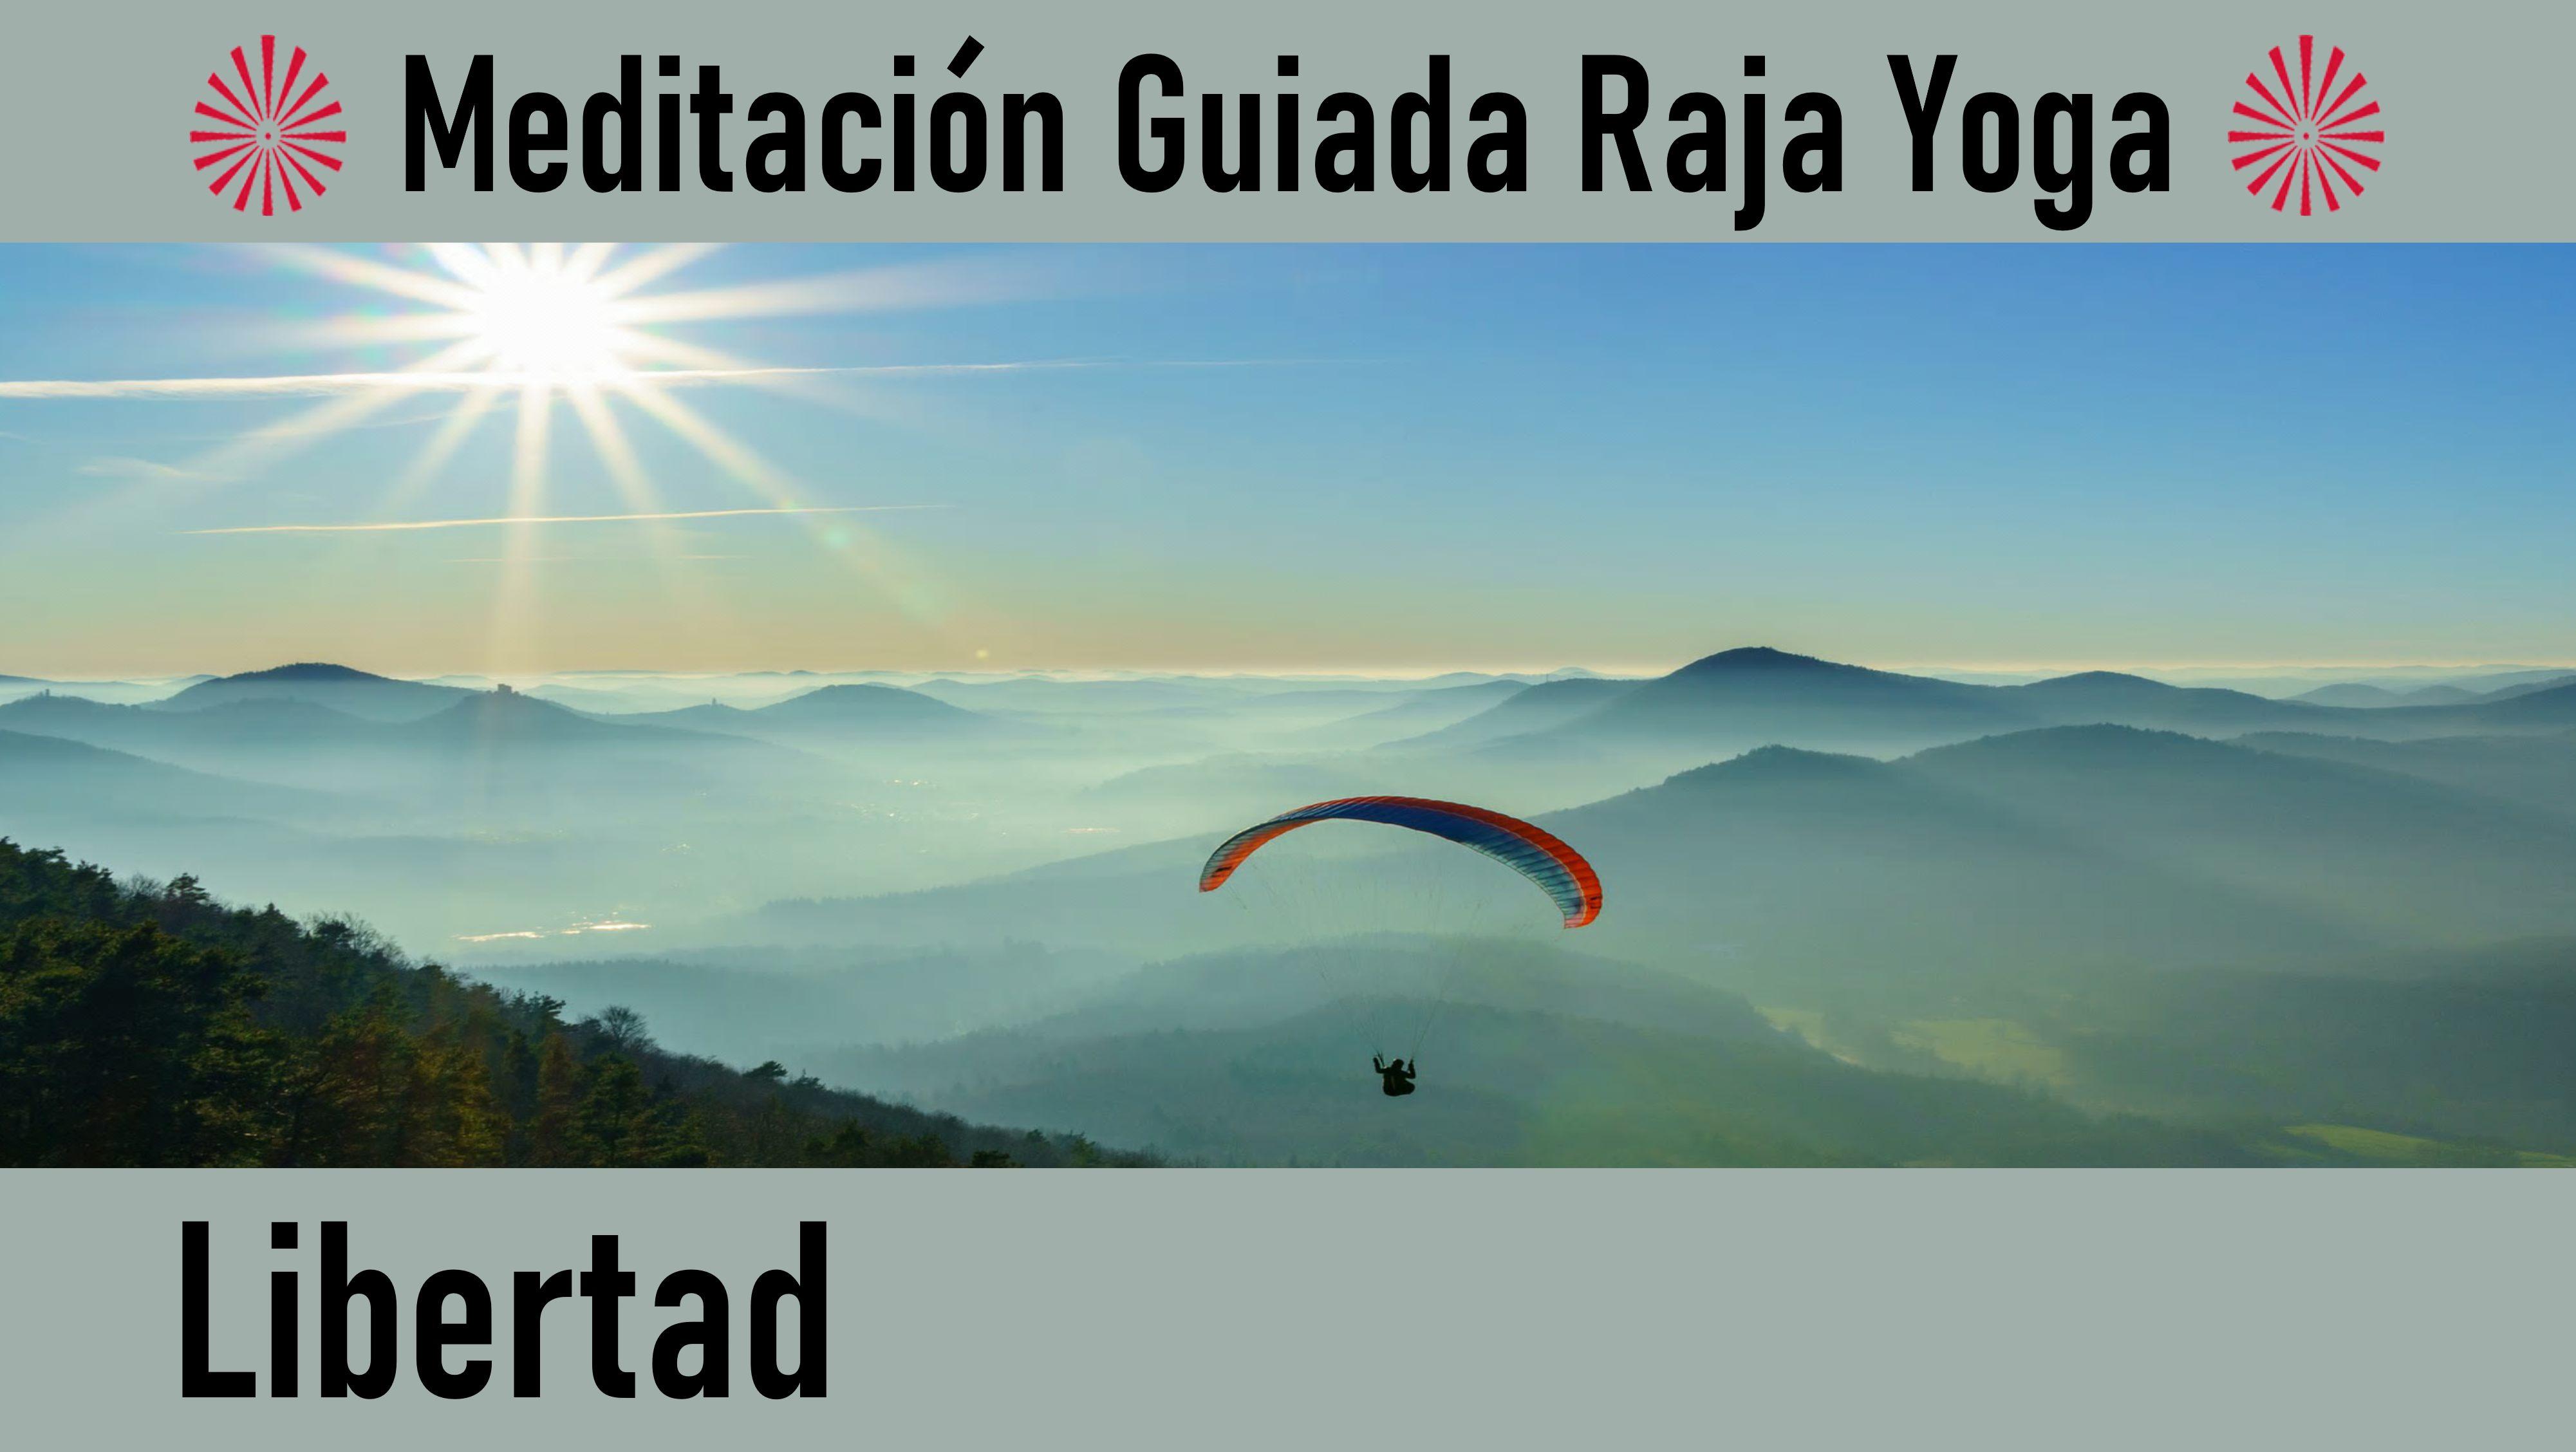 Meditación Raja Yoga: Libertad (15 Mayo 2020) On-line desde Madrid